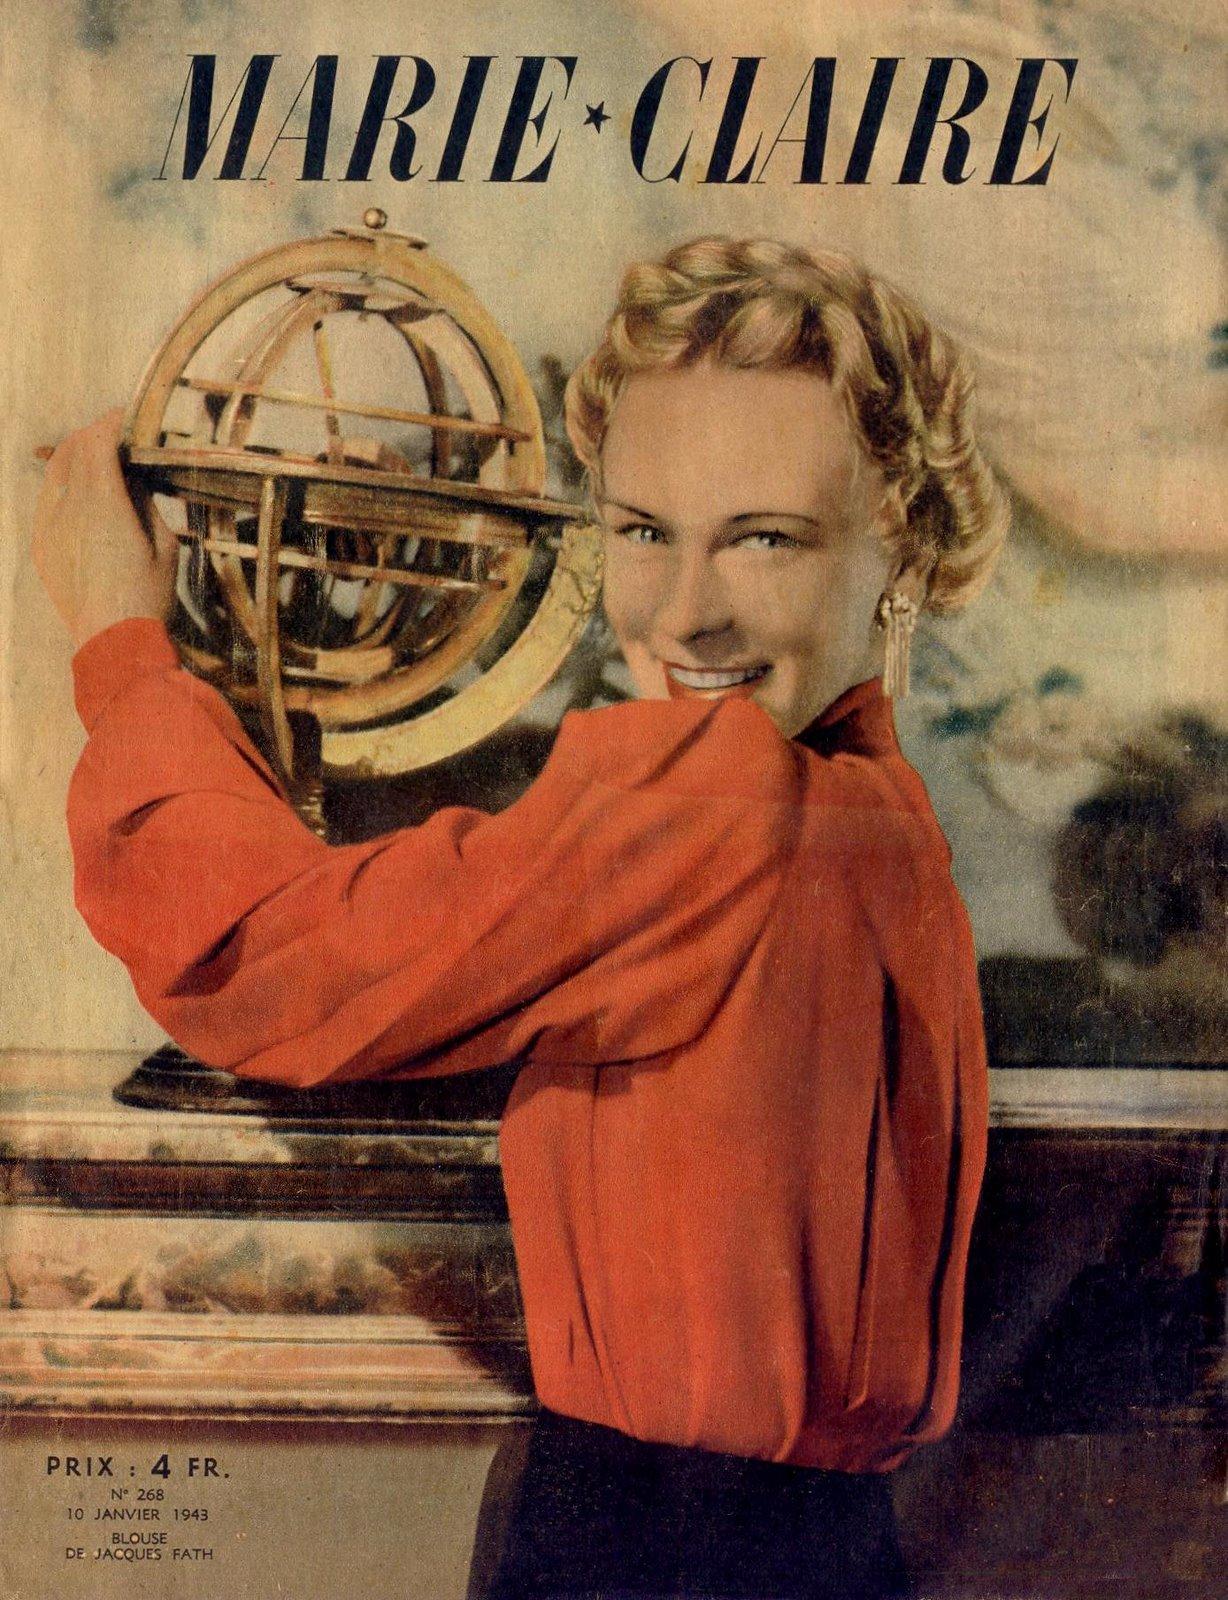 couverture vintage magasine marie claire 07 27 couvertures du magazine Marie Claire